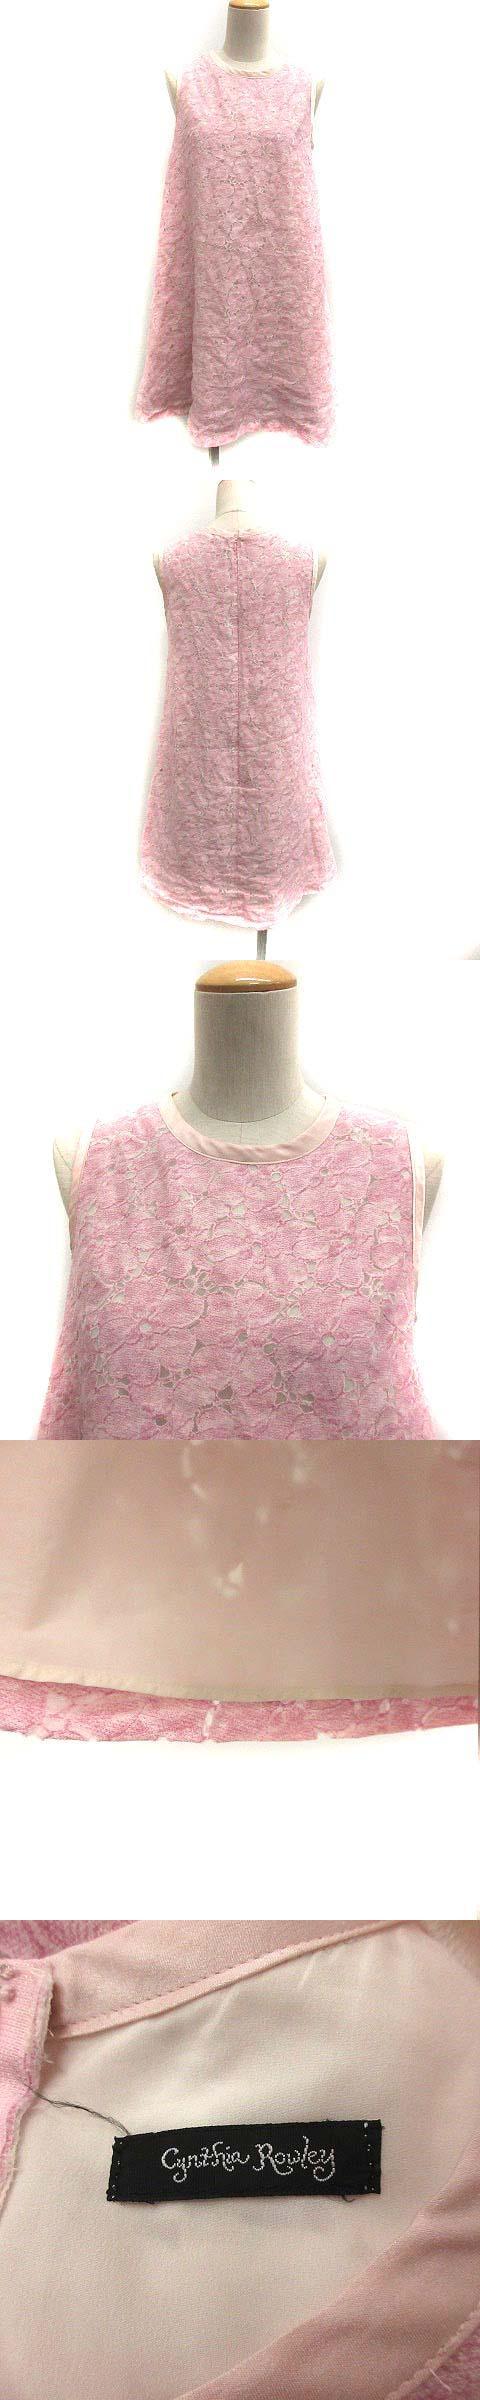 ワンピース フレア ひざ丈 花柄 ノースリーブ 2 ピンク /YI36